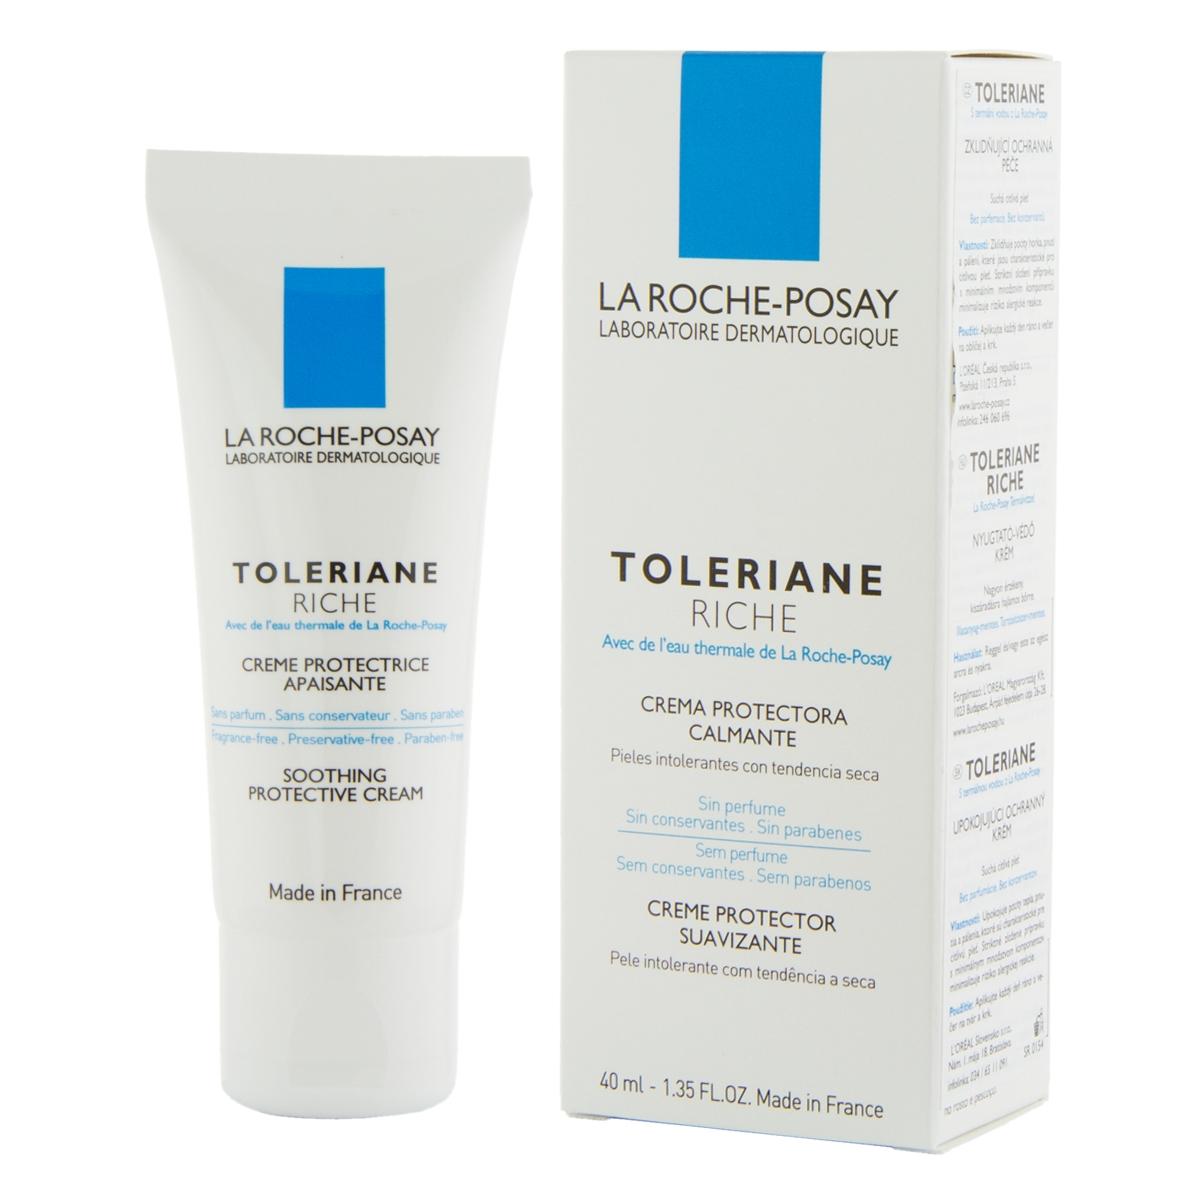 La Roche-Posay Toleriane Riche 40 ml